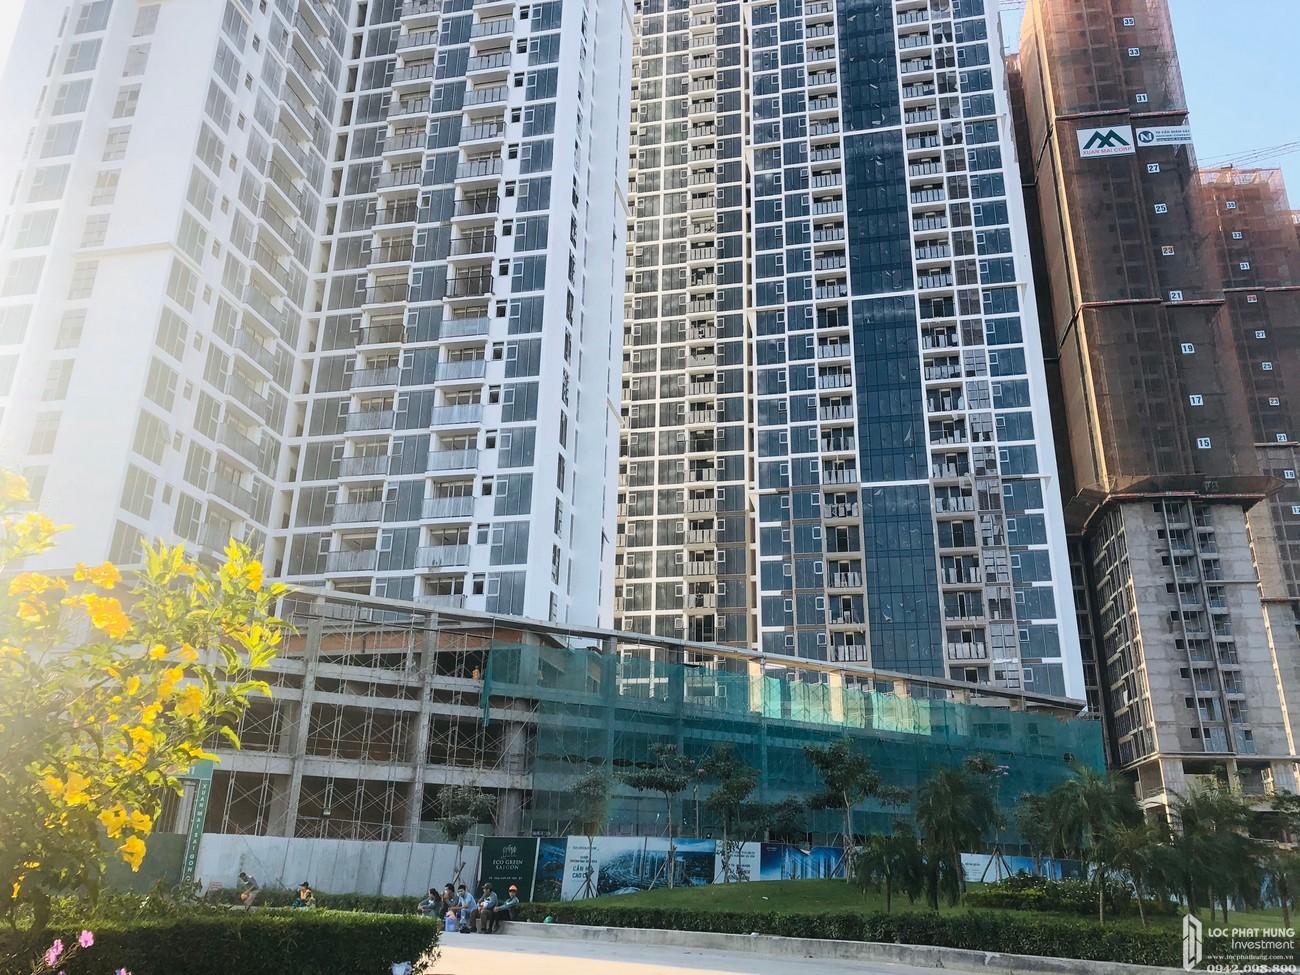 Tiến độ xây dựng dự án căn hộ Eco green Sài Gòn 14/03/2020